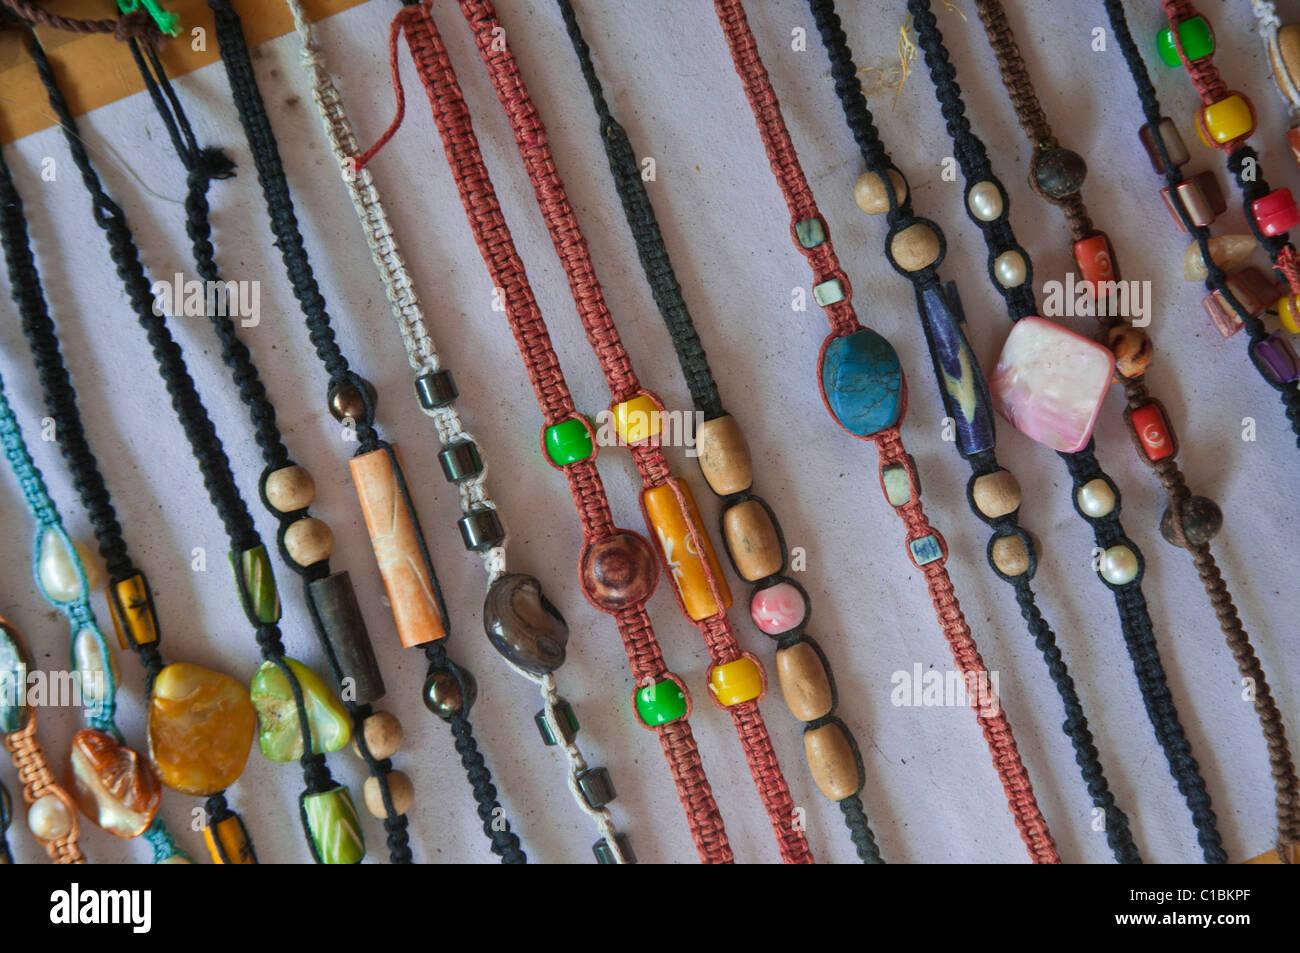 Souvenir economici bracciali in vendita in Indonesia Immagini Stock